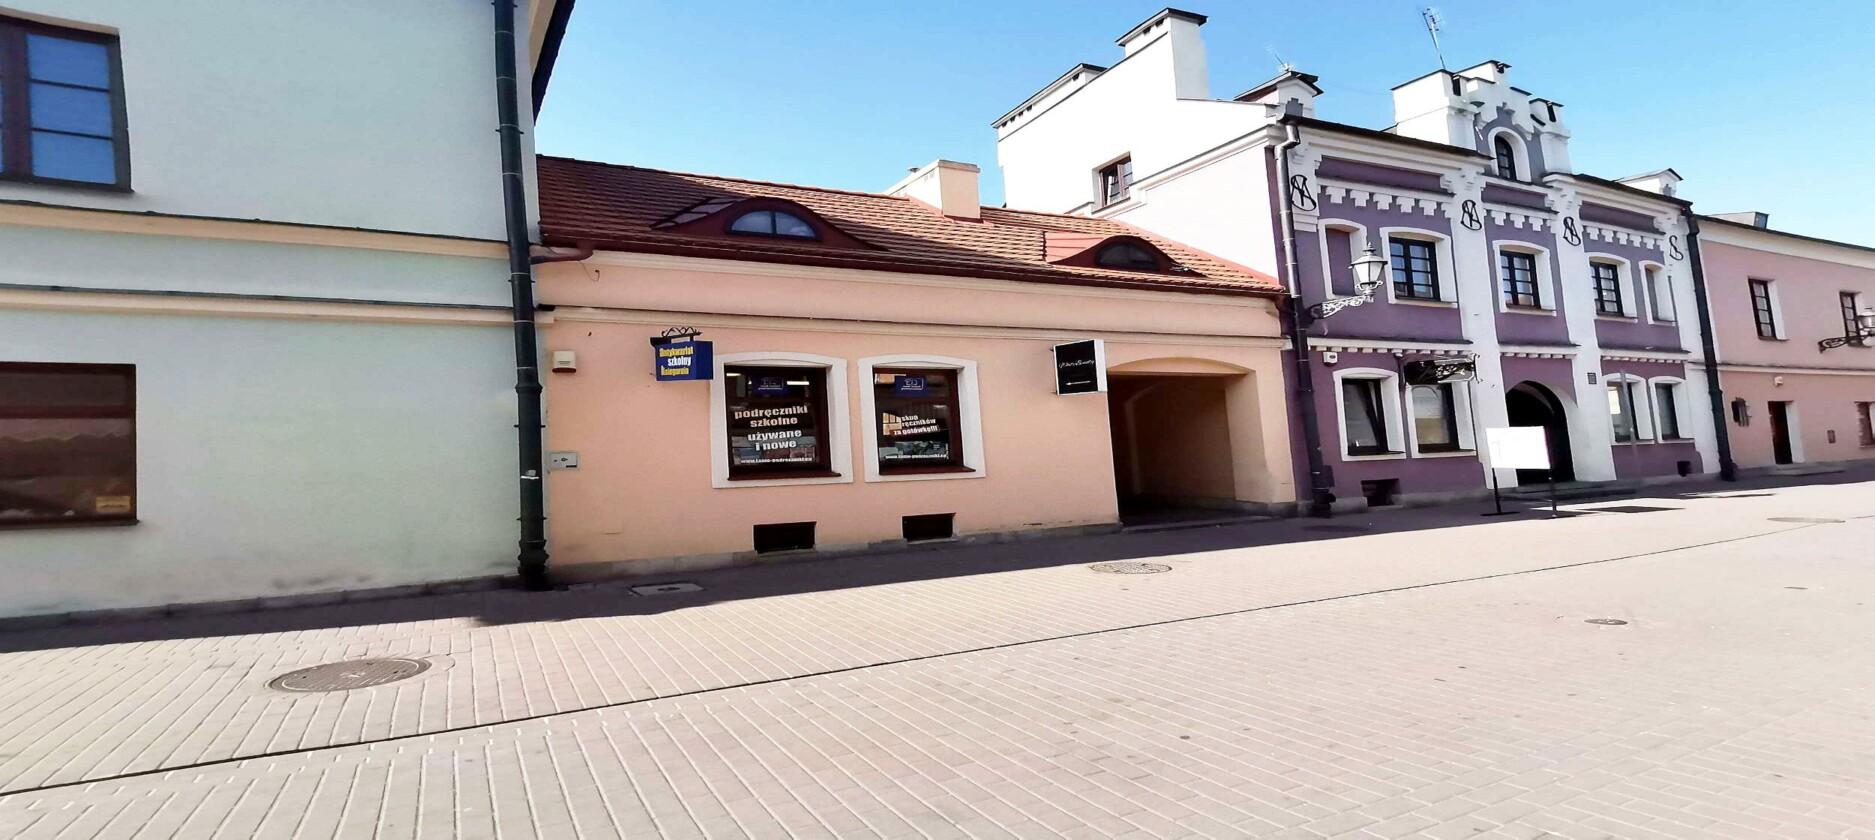 slider - Nieruchomości Krzysztof Górski Zamość, biuro nieruchomości, domy, mieszkania, działki, lokale, sprzedaż nieruchomości, wynajem nieruchomości